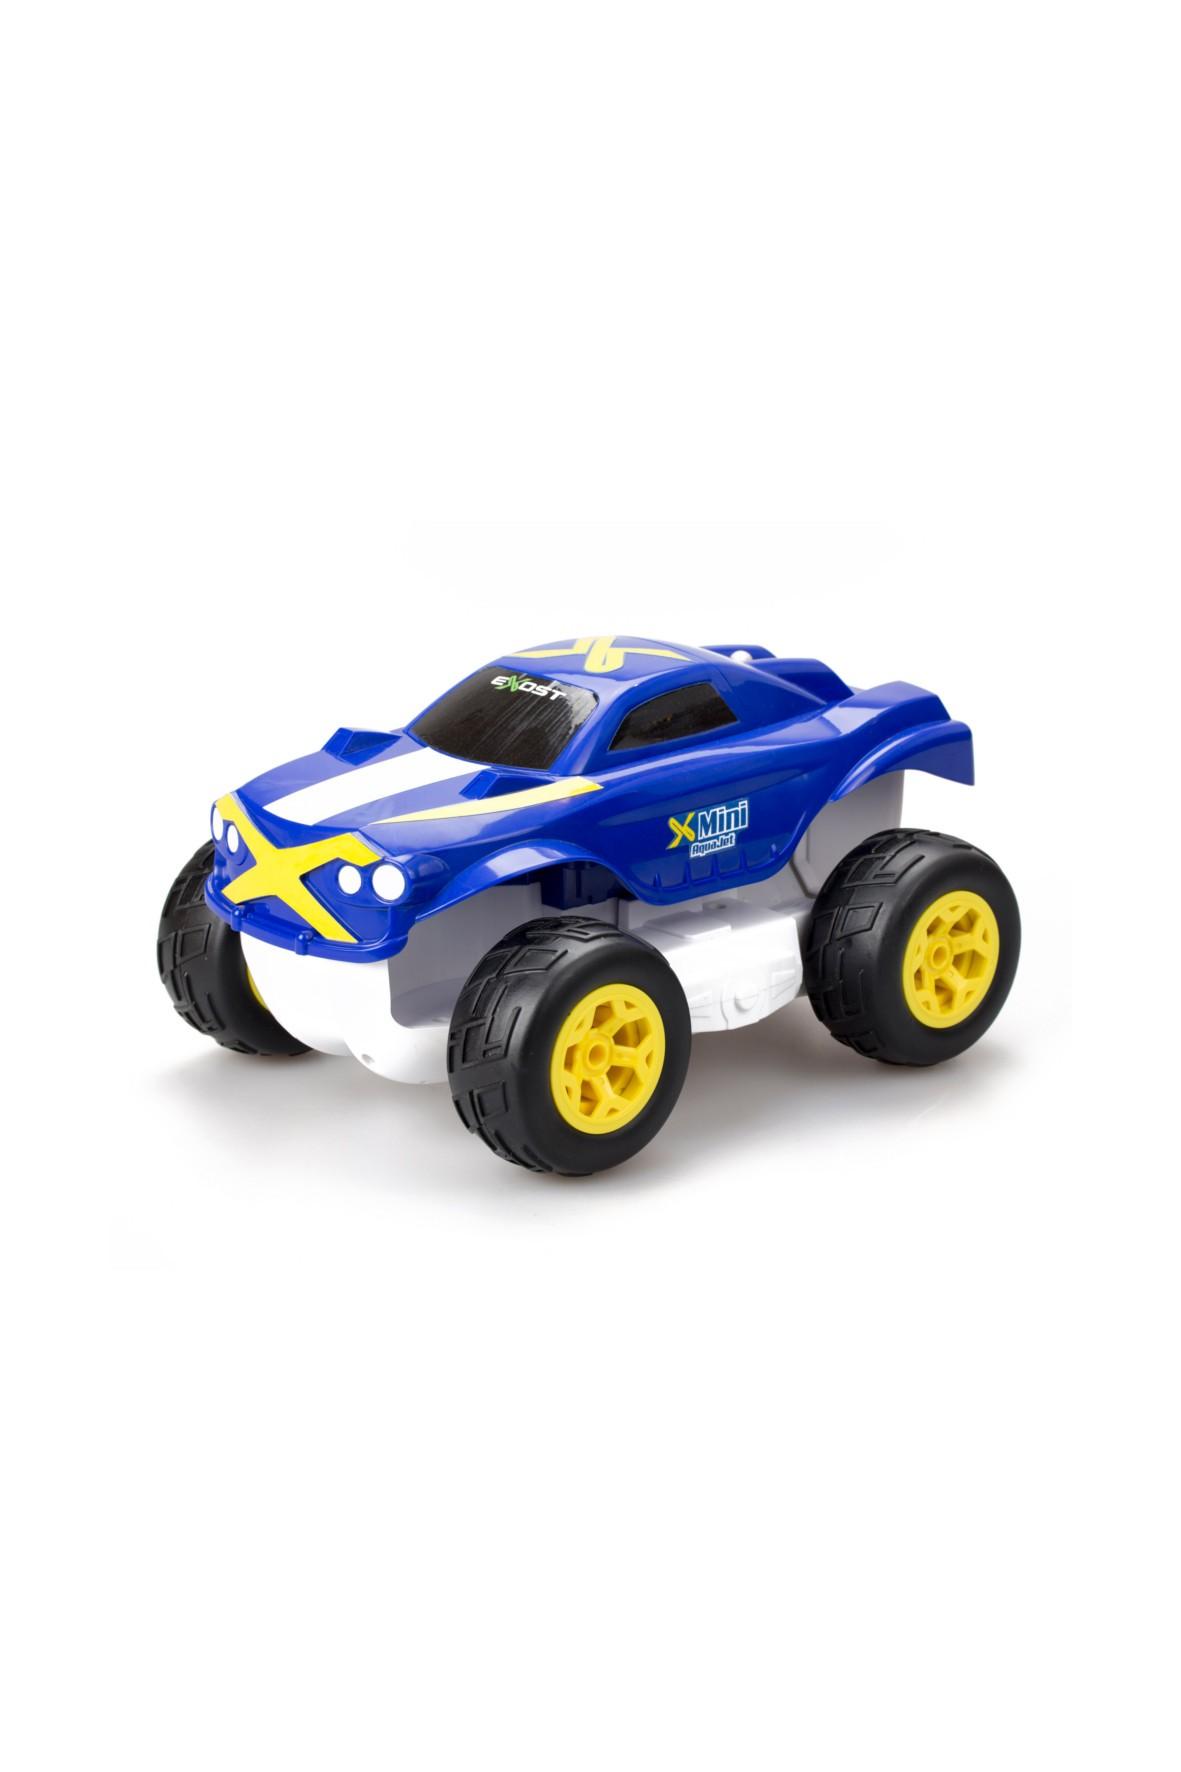 Samochód zdalnie sterowany Exost - Mini Aqua Jet 5+